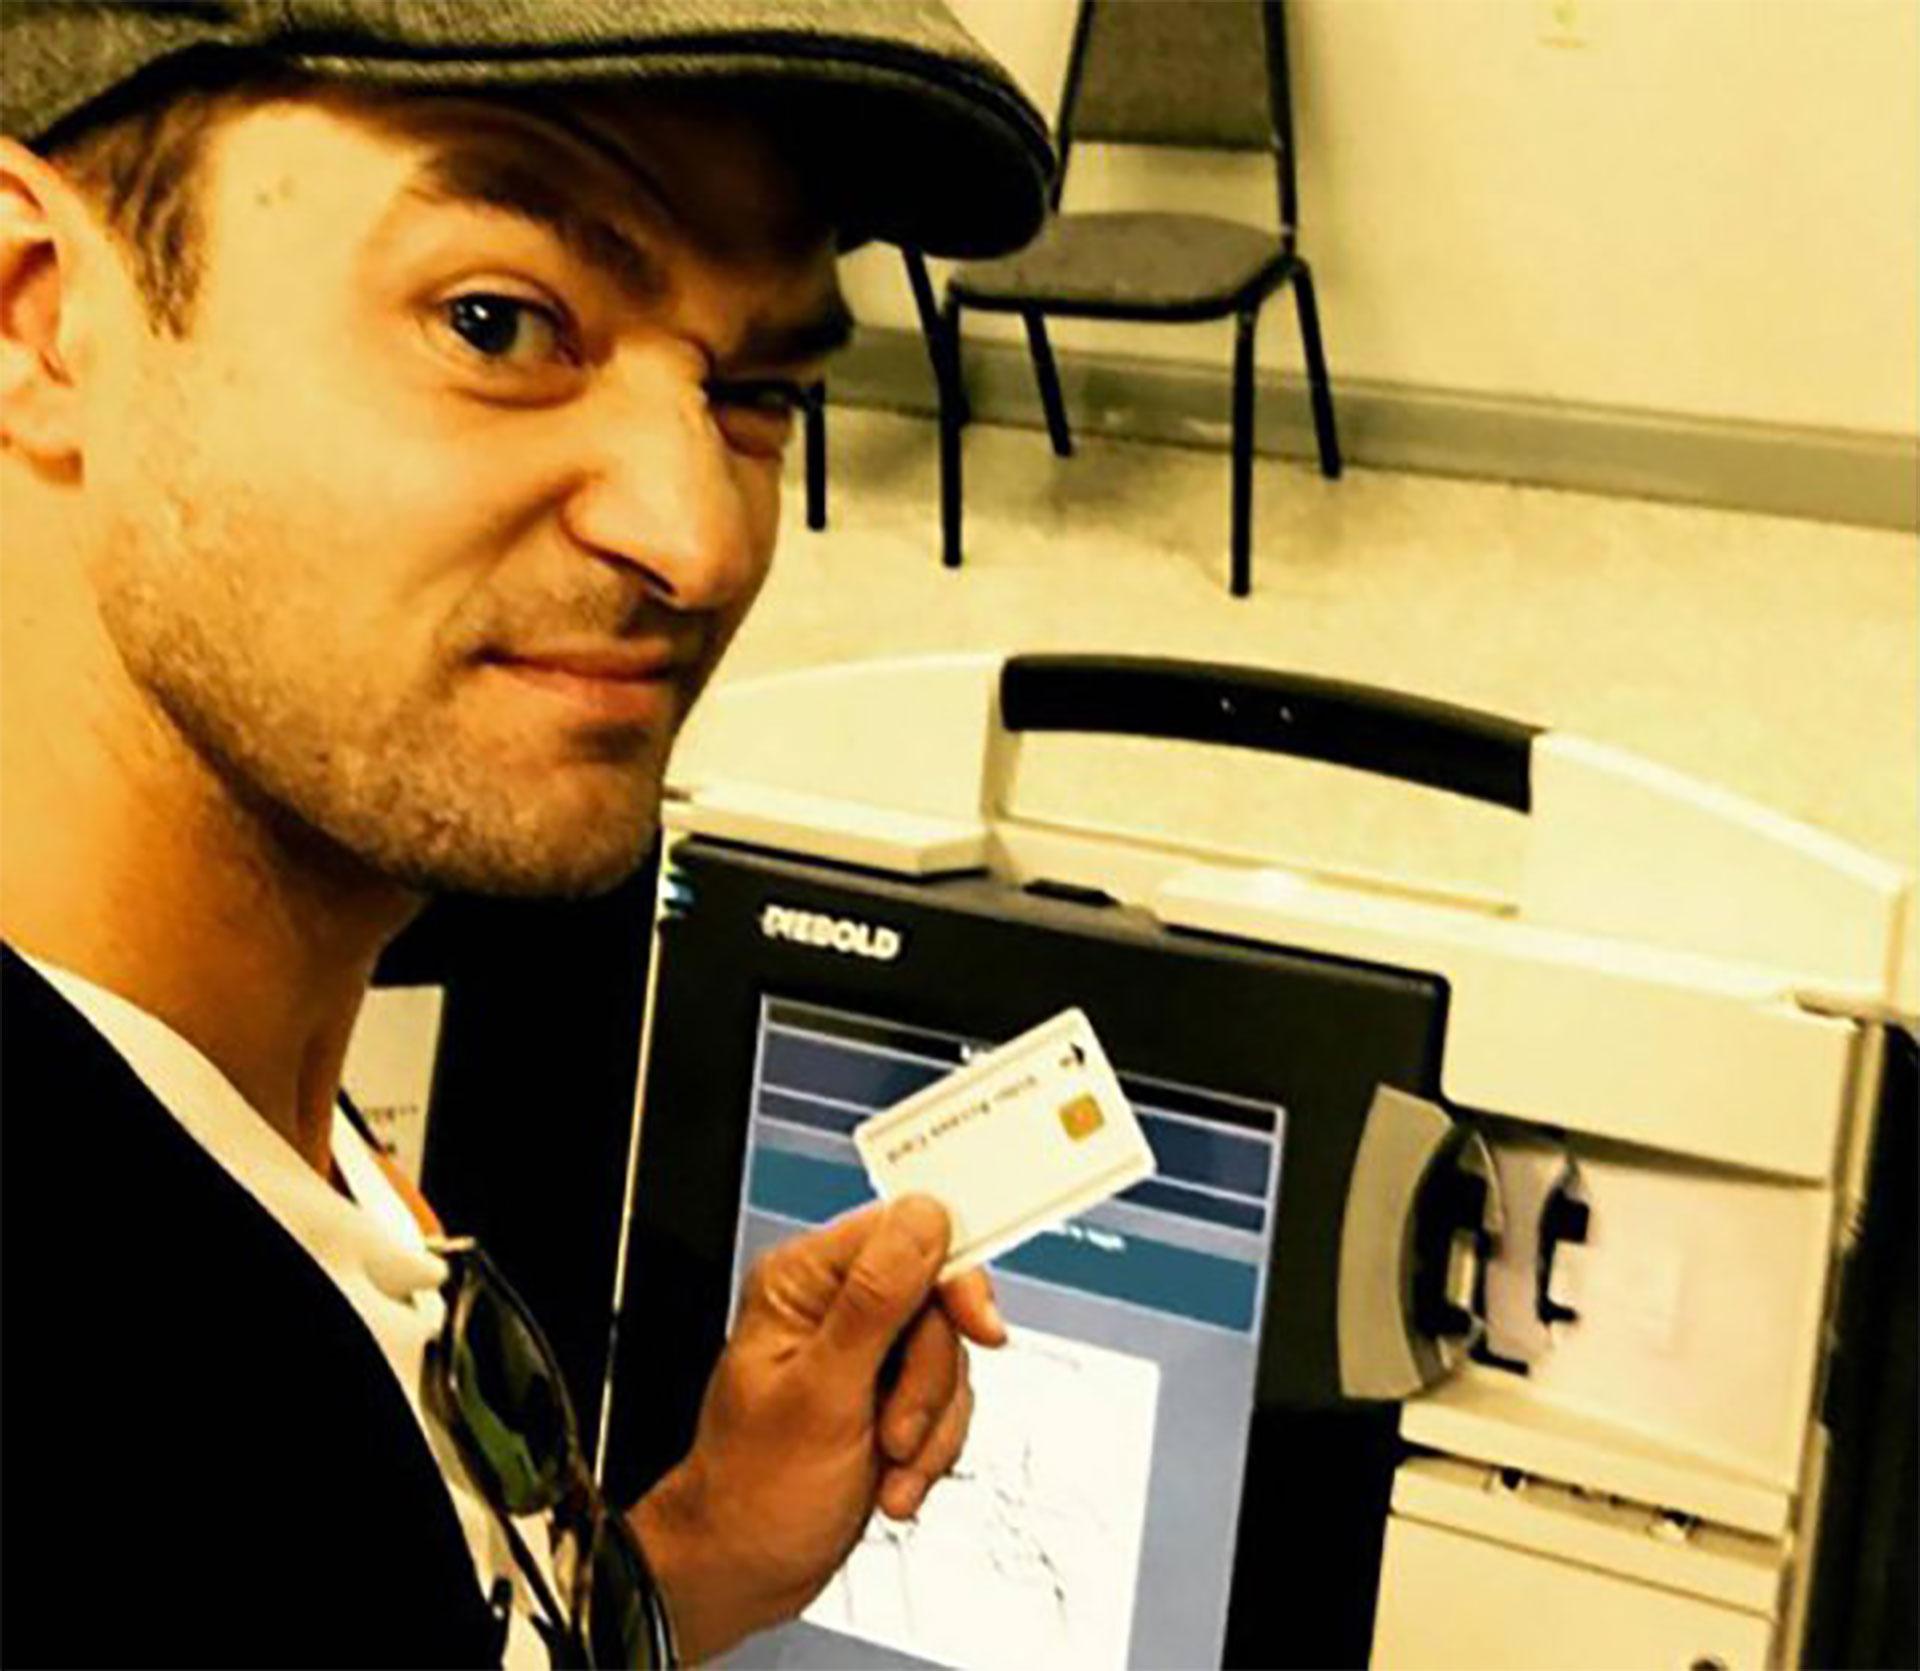 Justin Timberlake se metió en problemas por esta selfie. En Tennessee, su ciudad natal, está penado tomarse fotos en el centro de votación